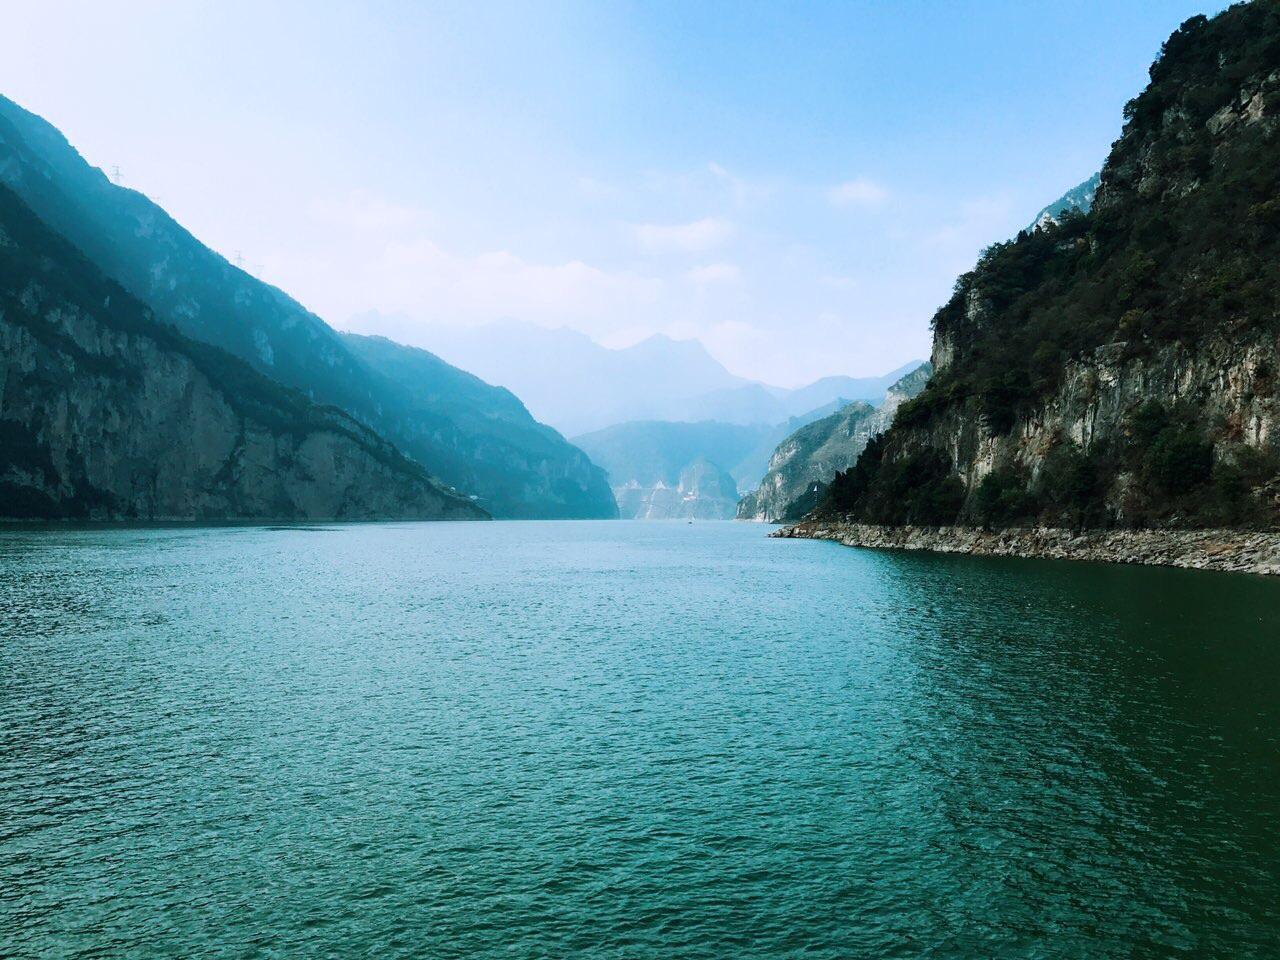 2020湖北宜昌秭归旅游攻略-秭归县景点排行榜